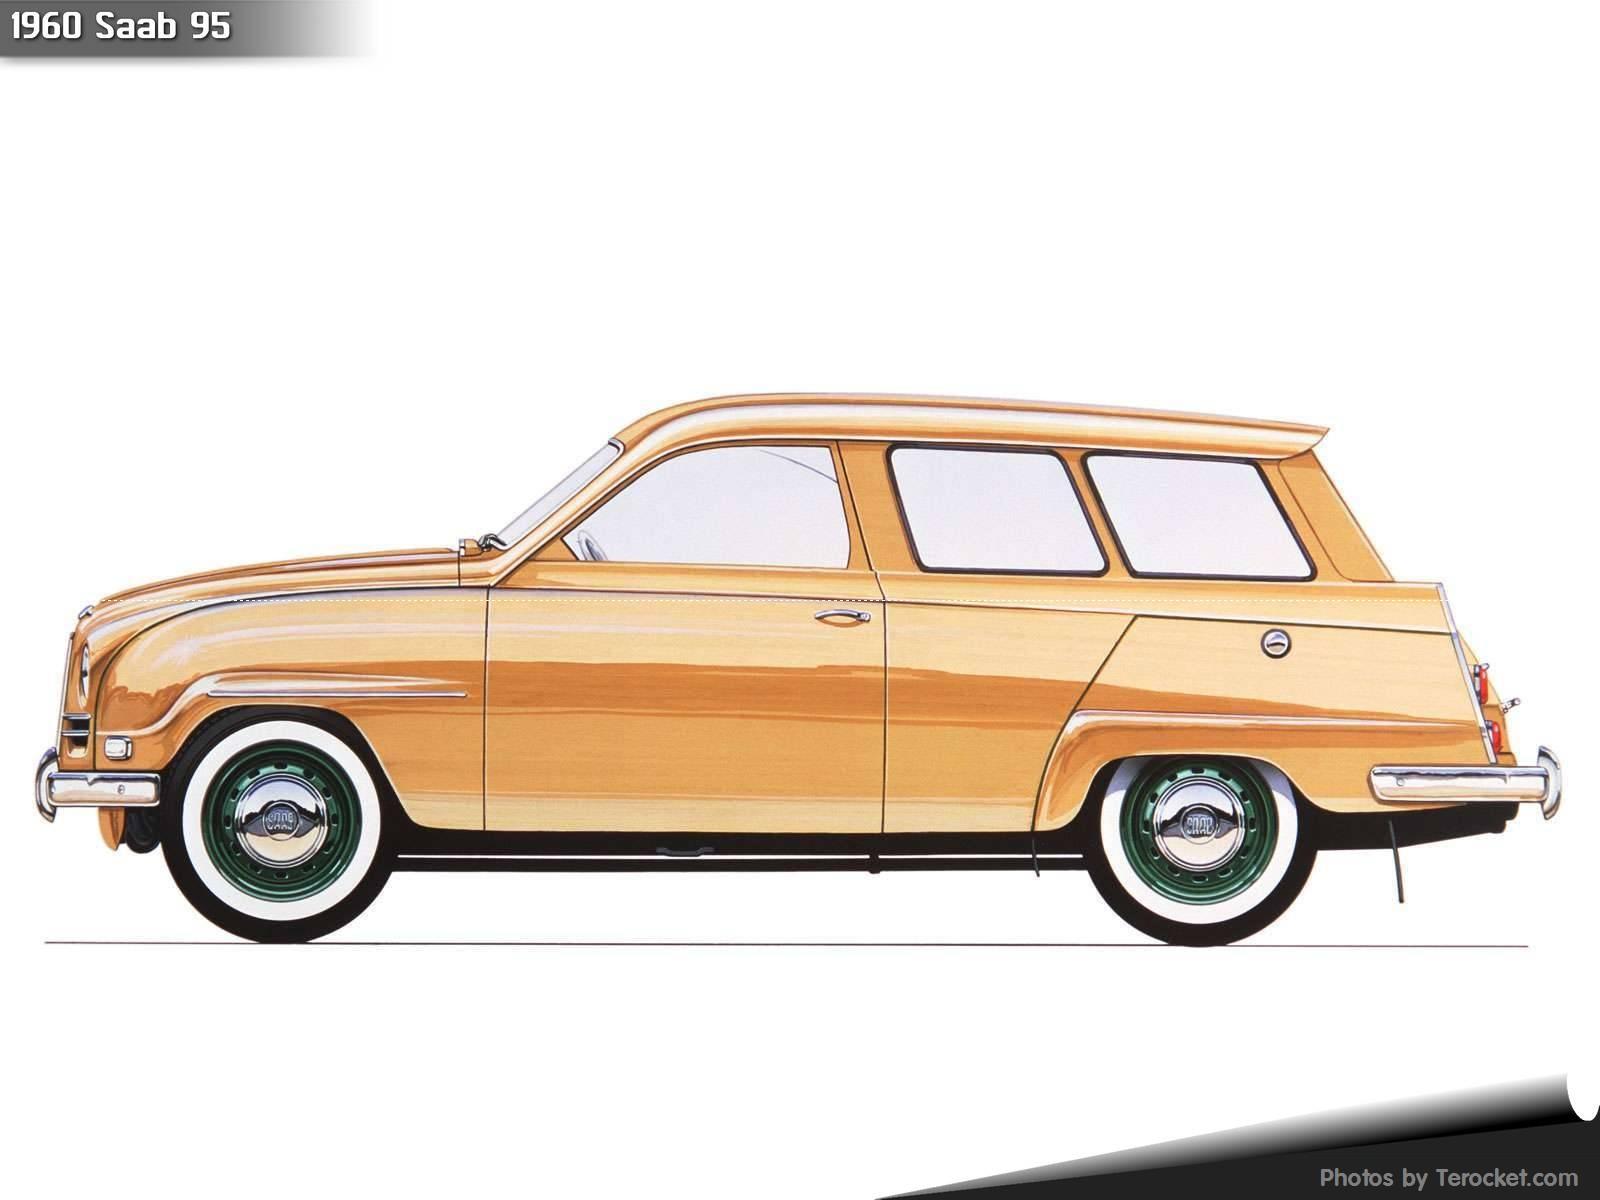 Hình ảnh xe ô tô Saab 95 1960 & nội ngoại thất